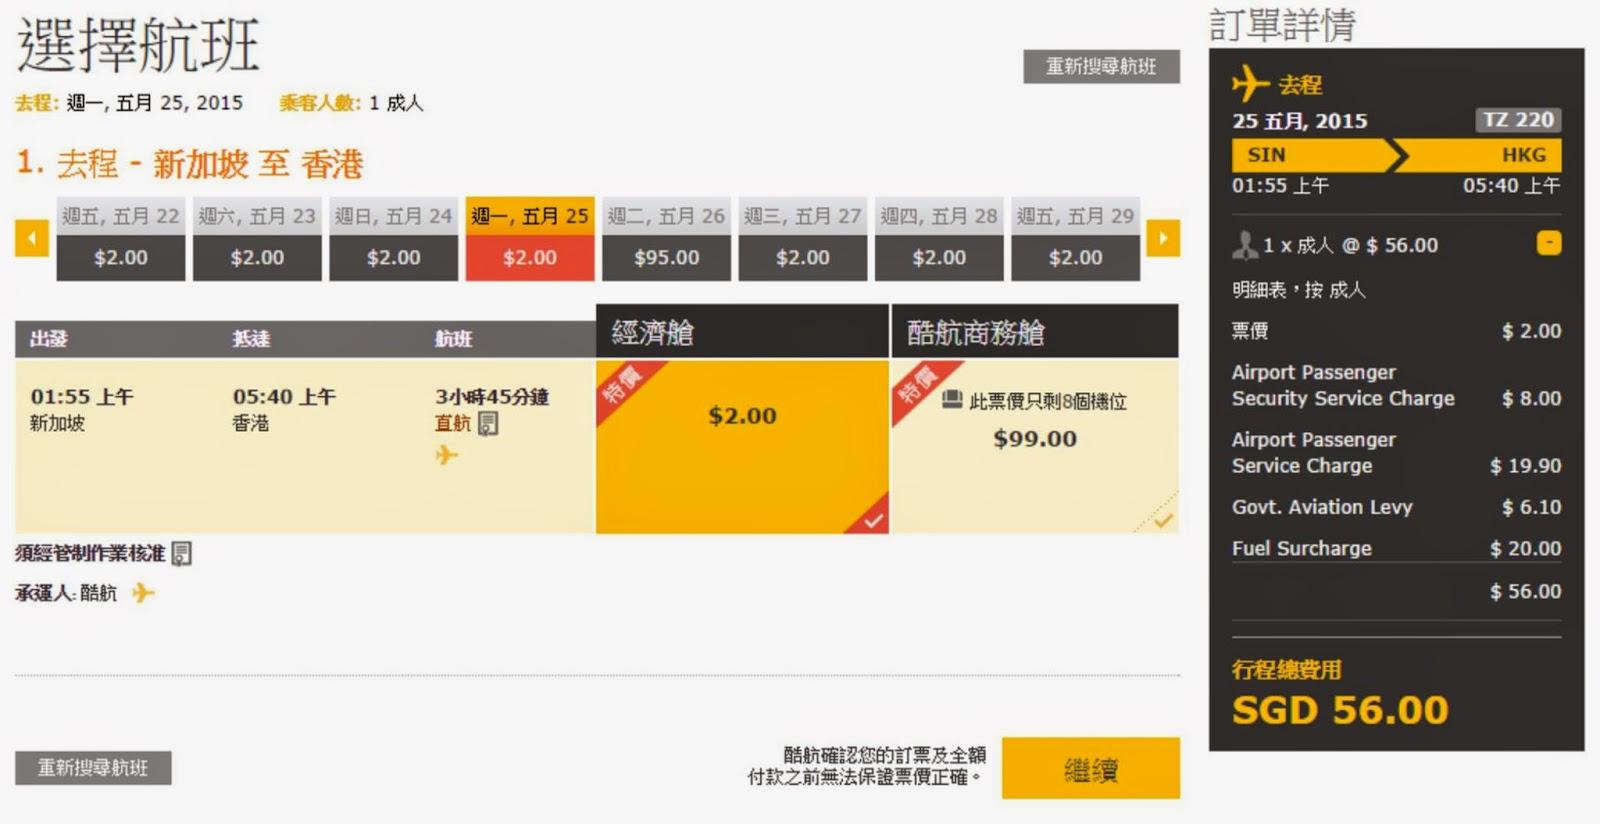 Scoot 酷航新加坡飛香港單程SGD 2(HK$11)起,連稅SGD56(HK$317)